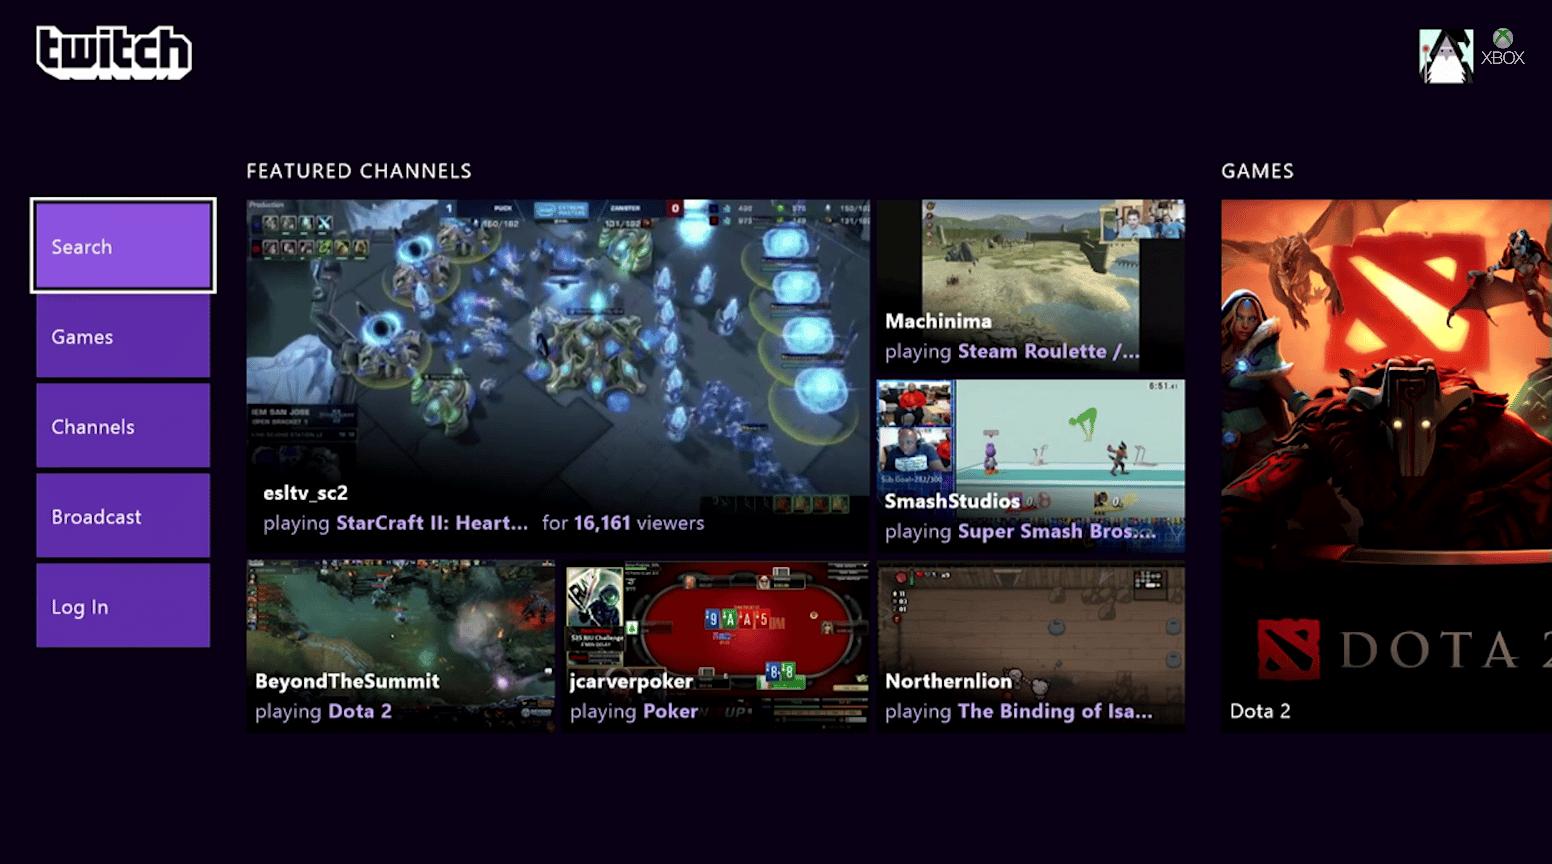 Twitch decidió que en su plataforma no se transmitirán videojuegos calificados solo para adultos.